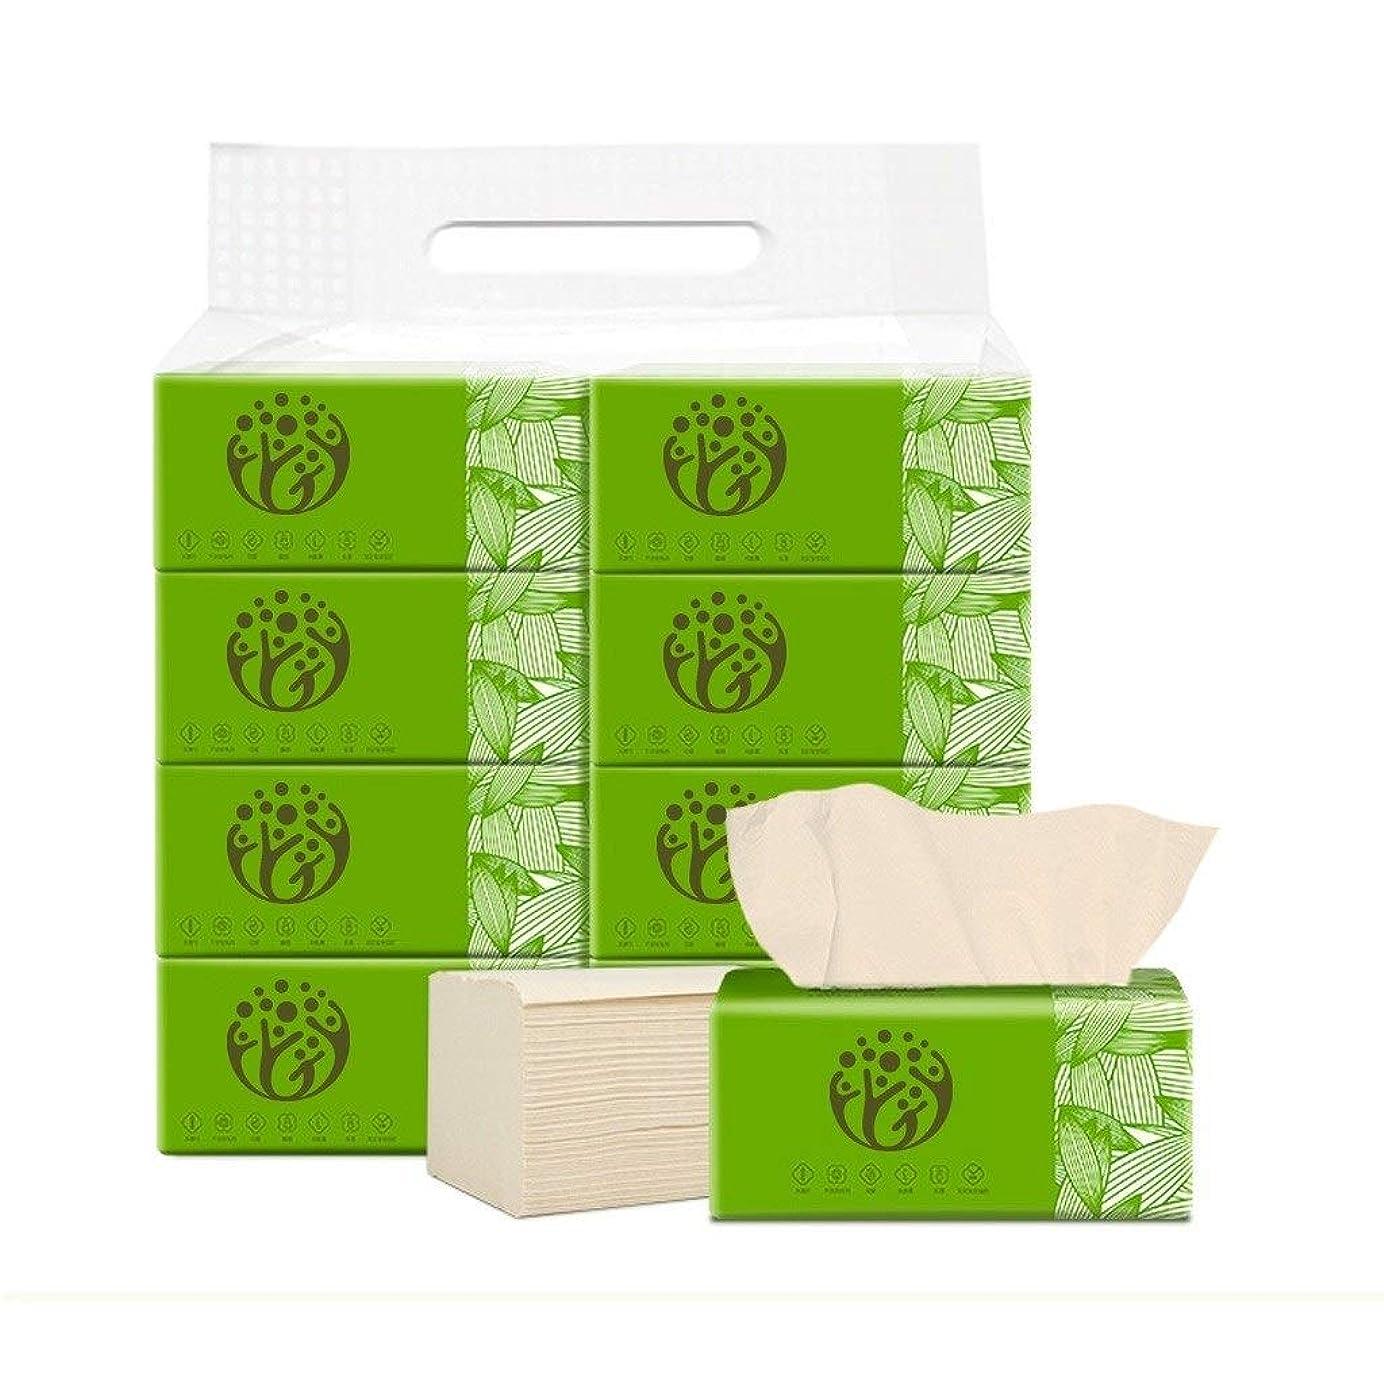 バックアップ降ろすキャンディーWJPWS 天然木材パルプトイレットペーパー、母親と子供に適用、8パック家庭用